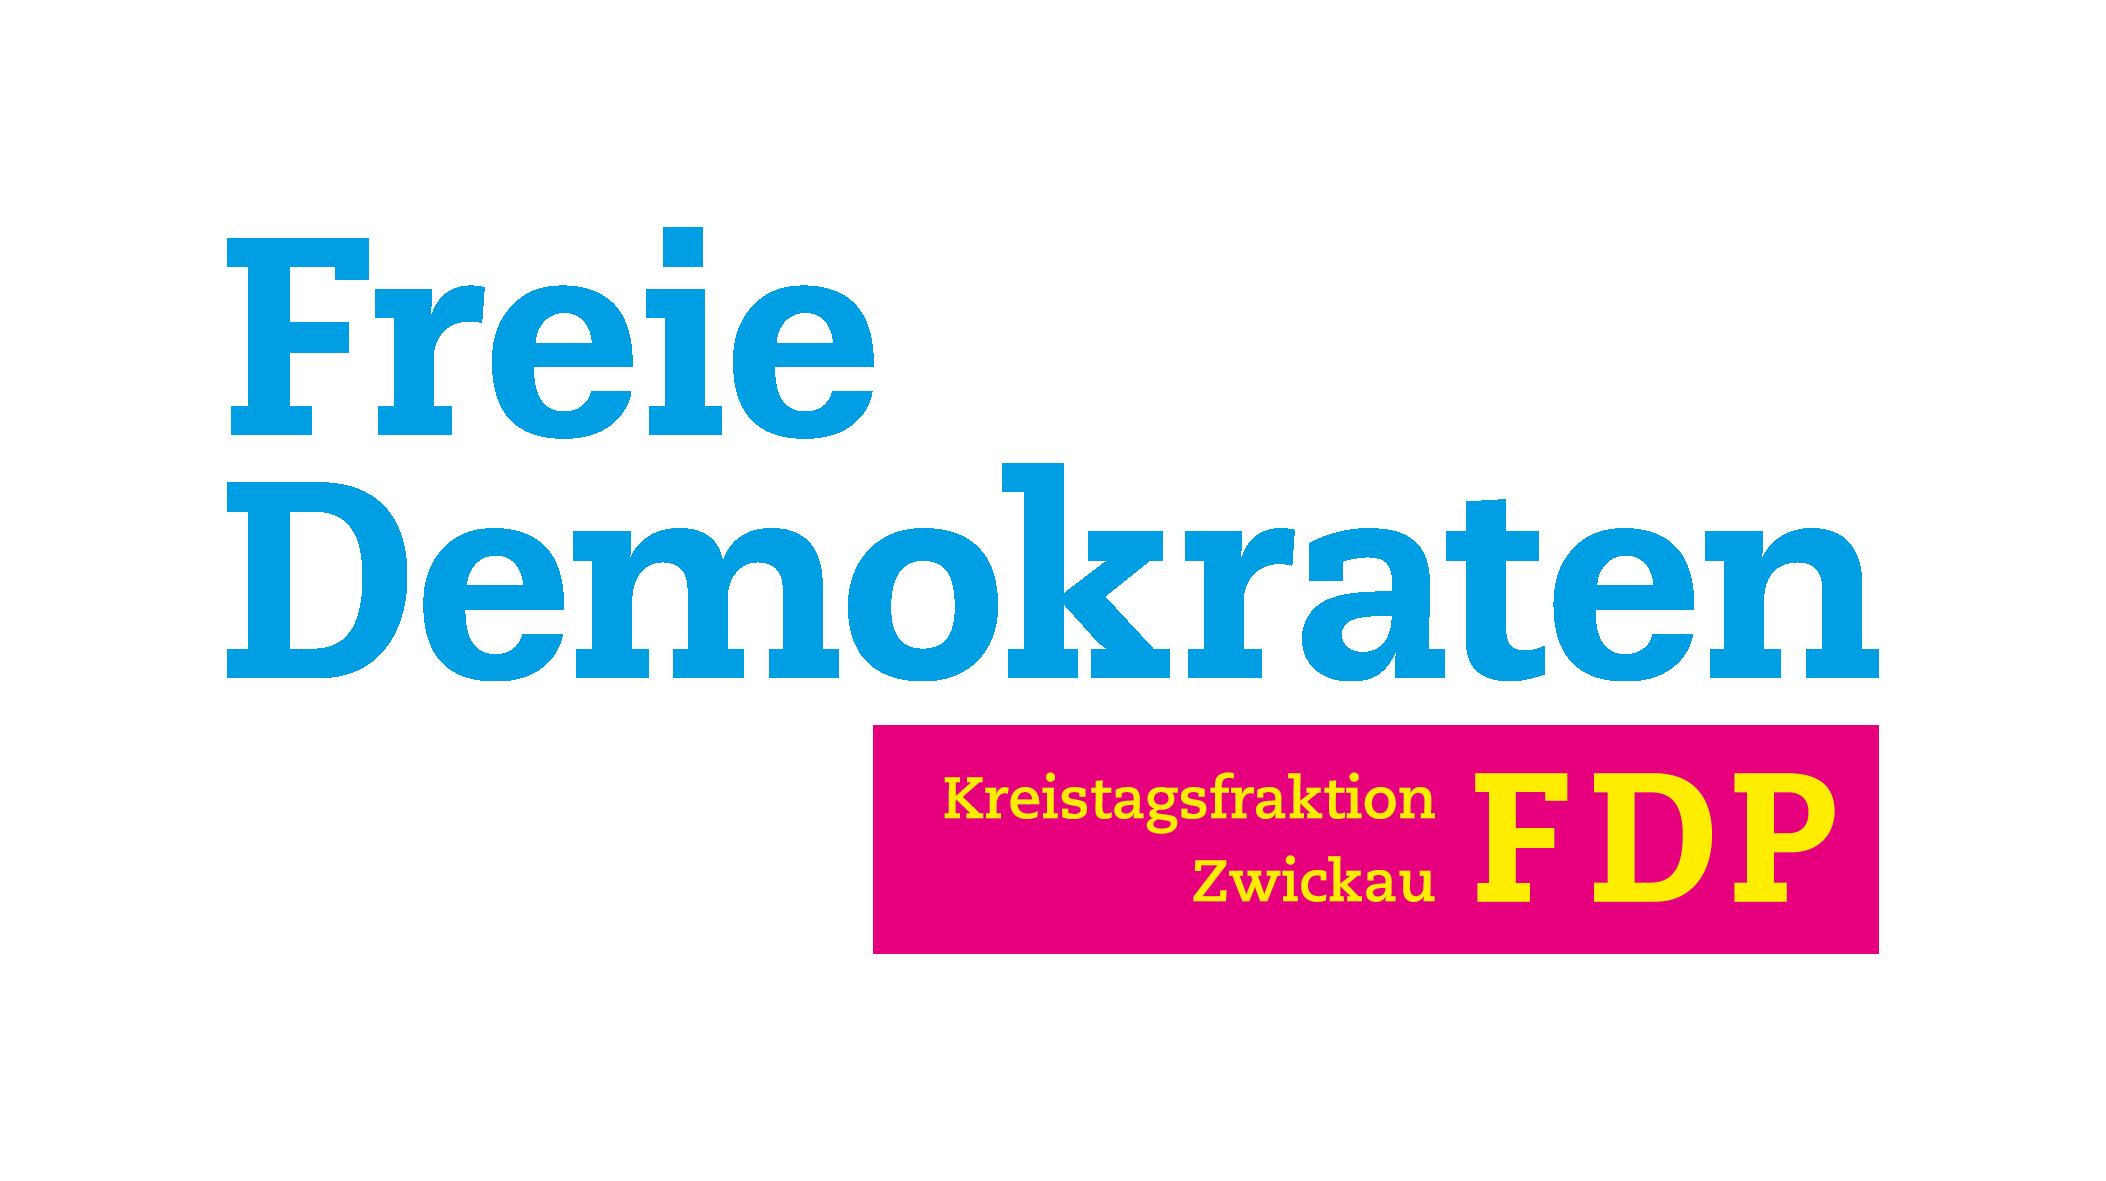 FDP-Kreistagsfraktion Zwickau